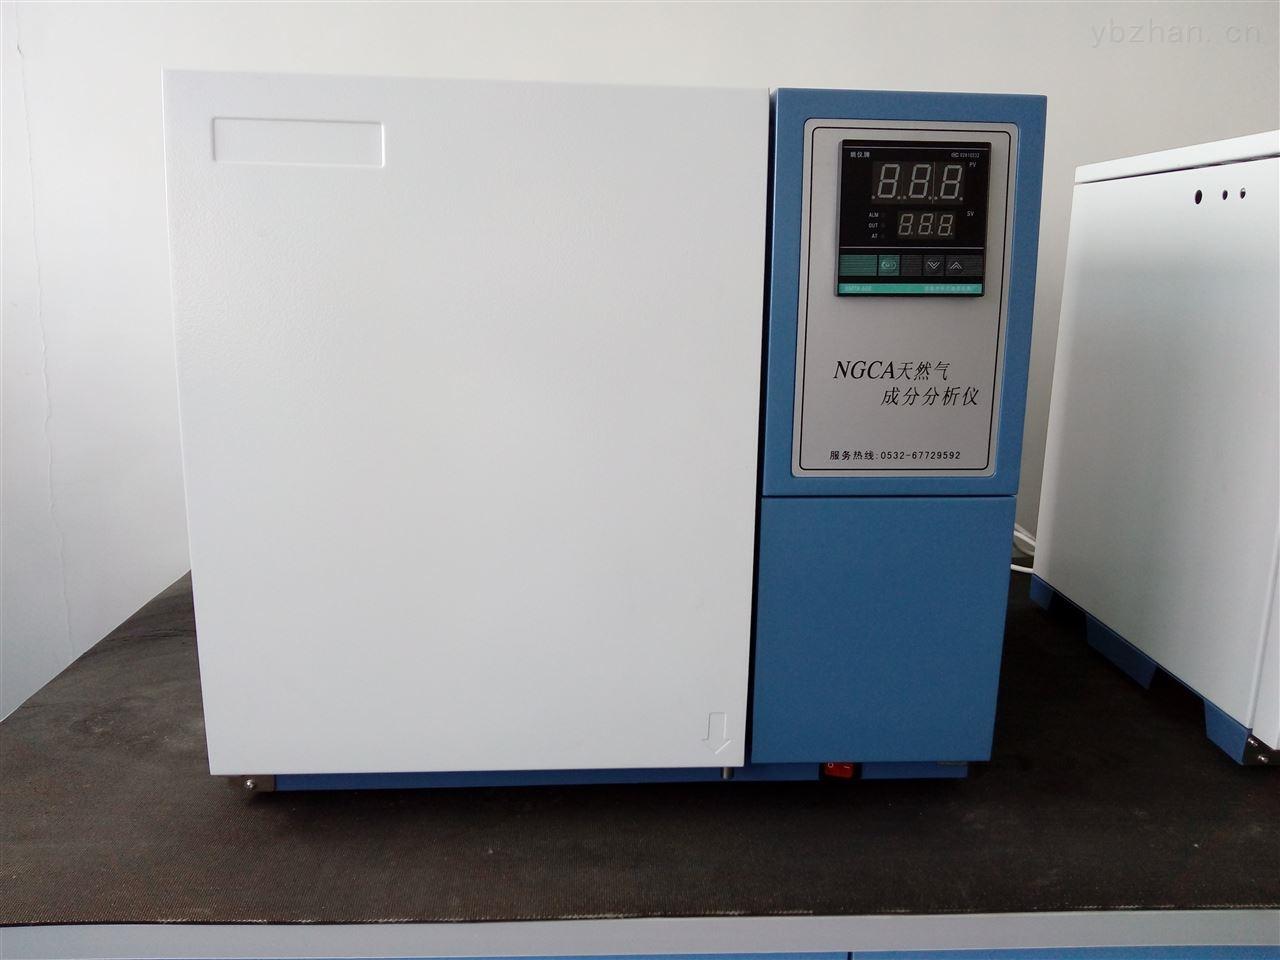 鲁创GC-9860天然气液化气全分析型(带热值计算)气相色谱仪